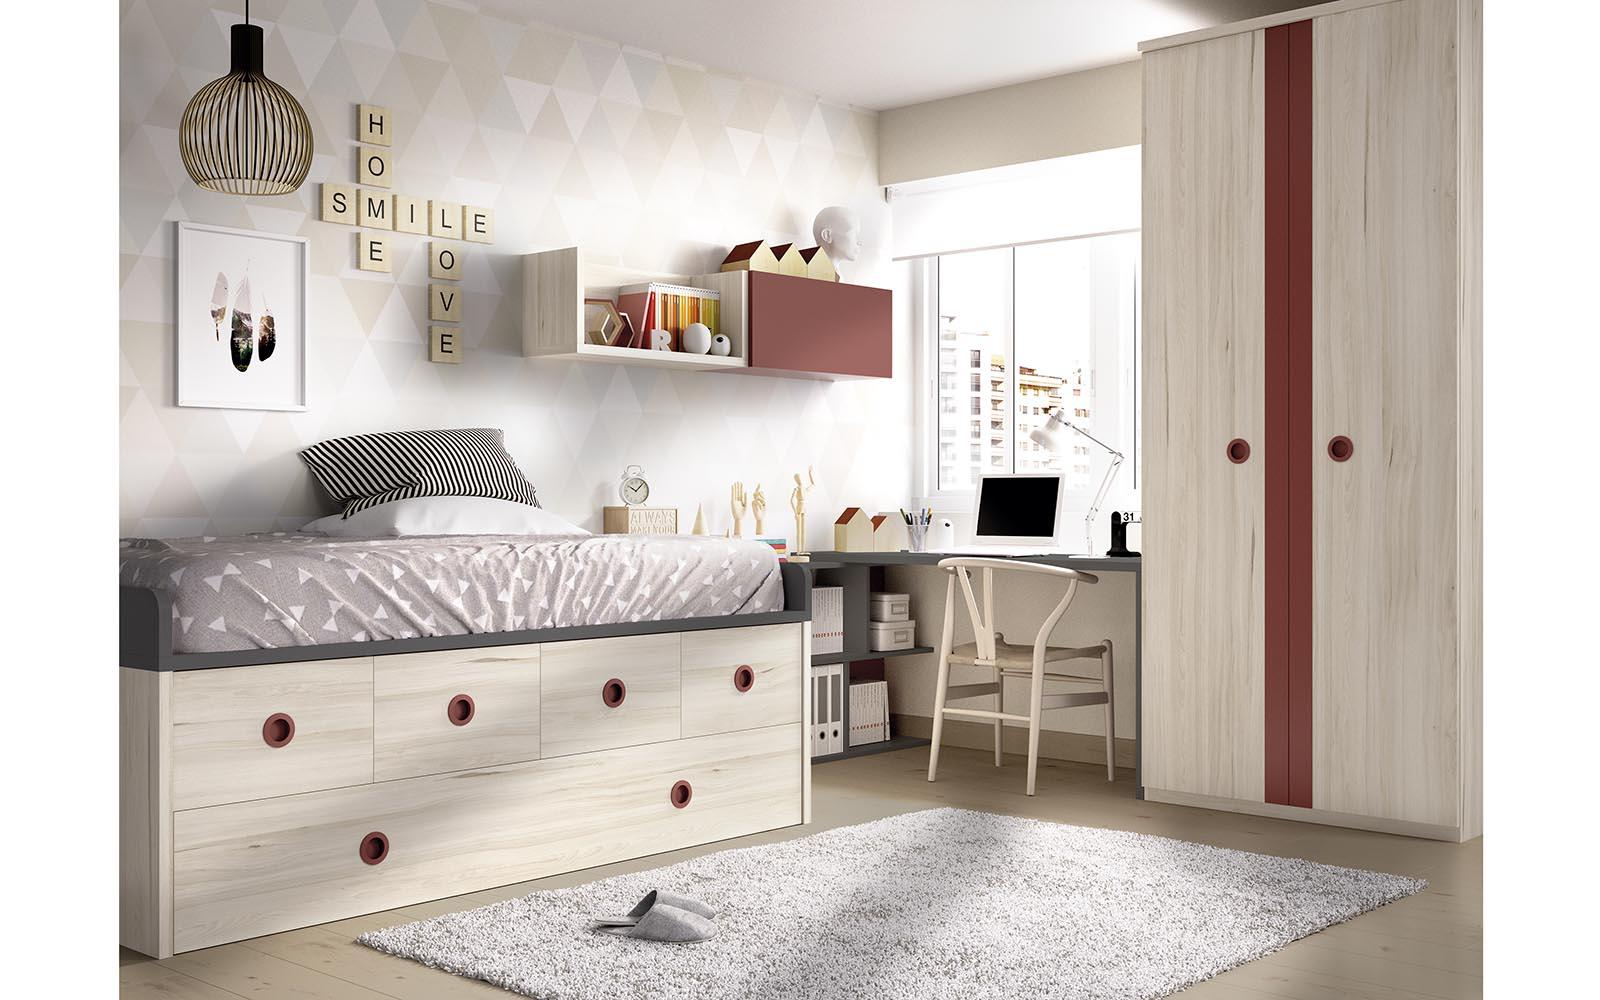 wooden kids bed with red details and space on the bottom, xilino krevati paidiko me kokkines leptomeries me ermarakia sto kato meros tou krevatiou, paidiko domatio,